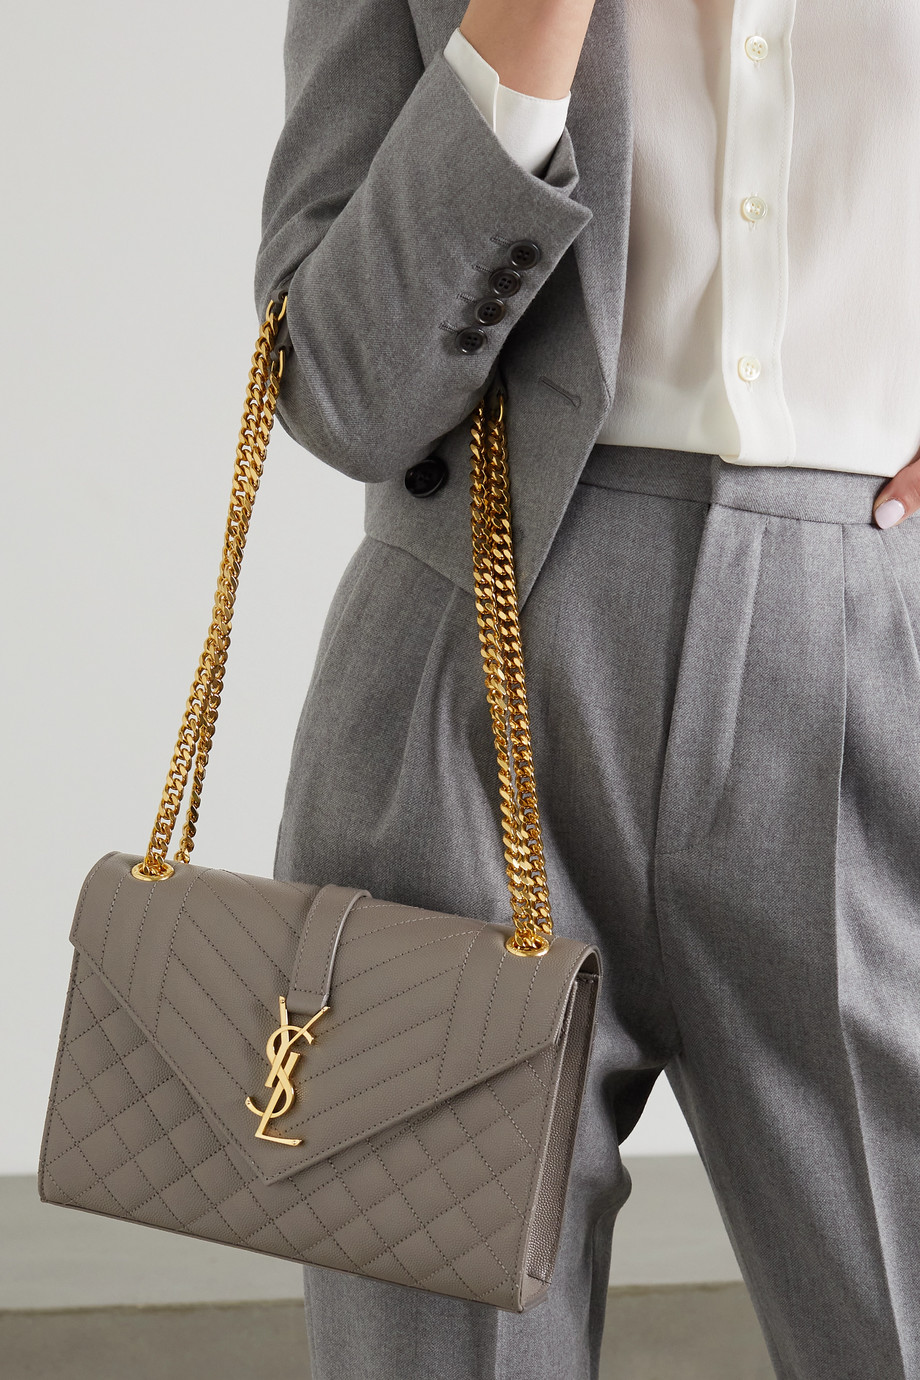 SAINT LAURENT Sac porté épaule en cuir texturé matelassé Envelope Medium